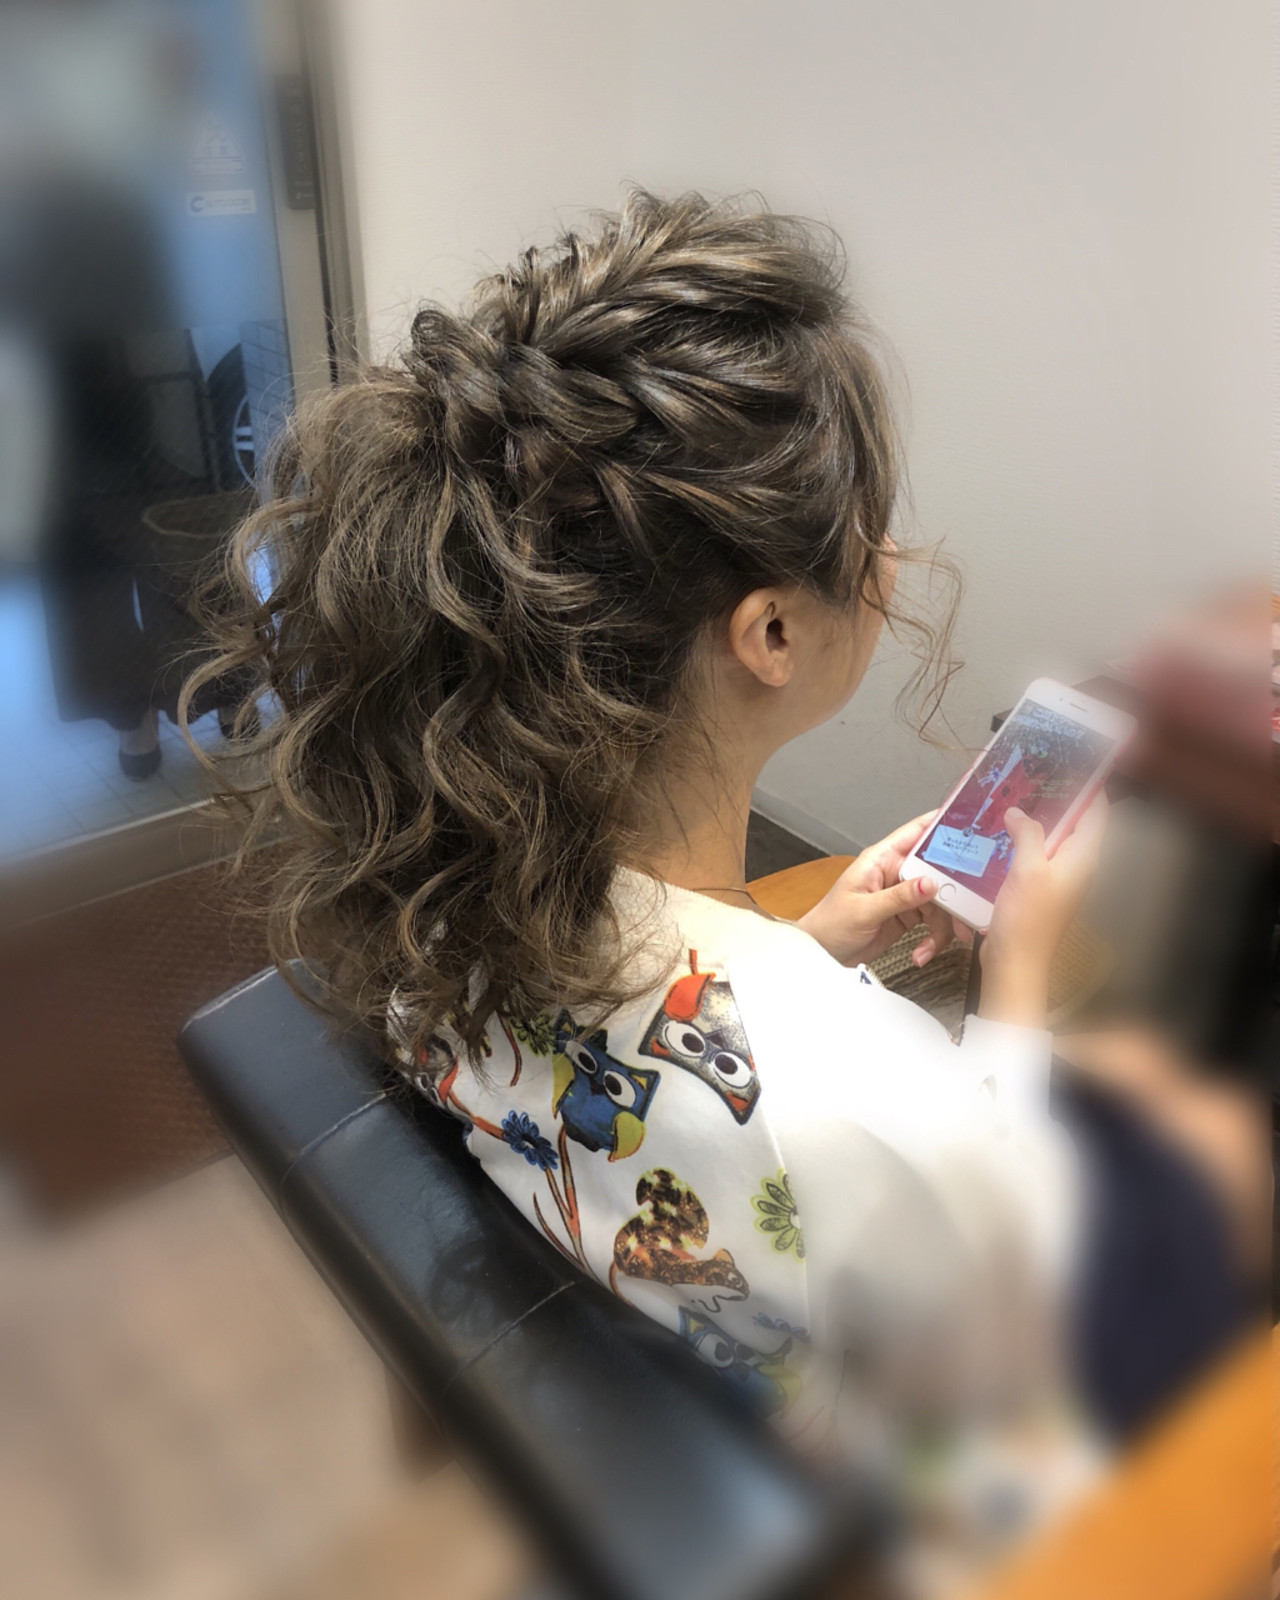 ヘアアレンジ アップスタイル フェミニン ミディアム ヘアスタイルや髪型の写真・画像